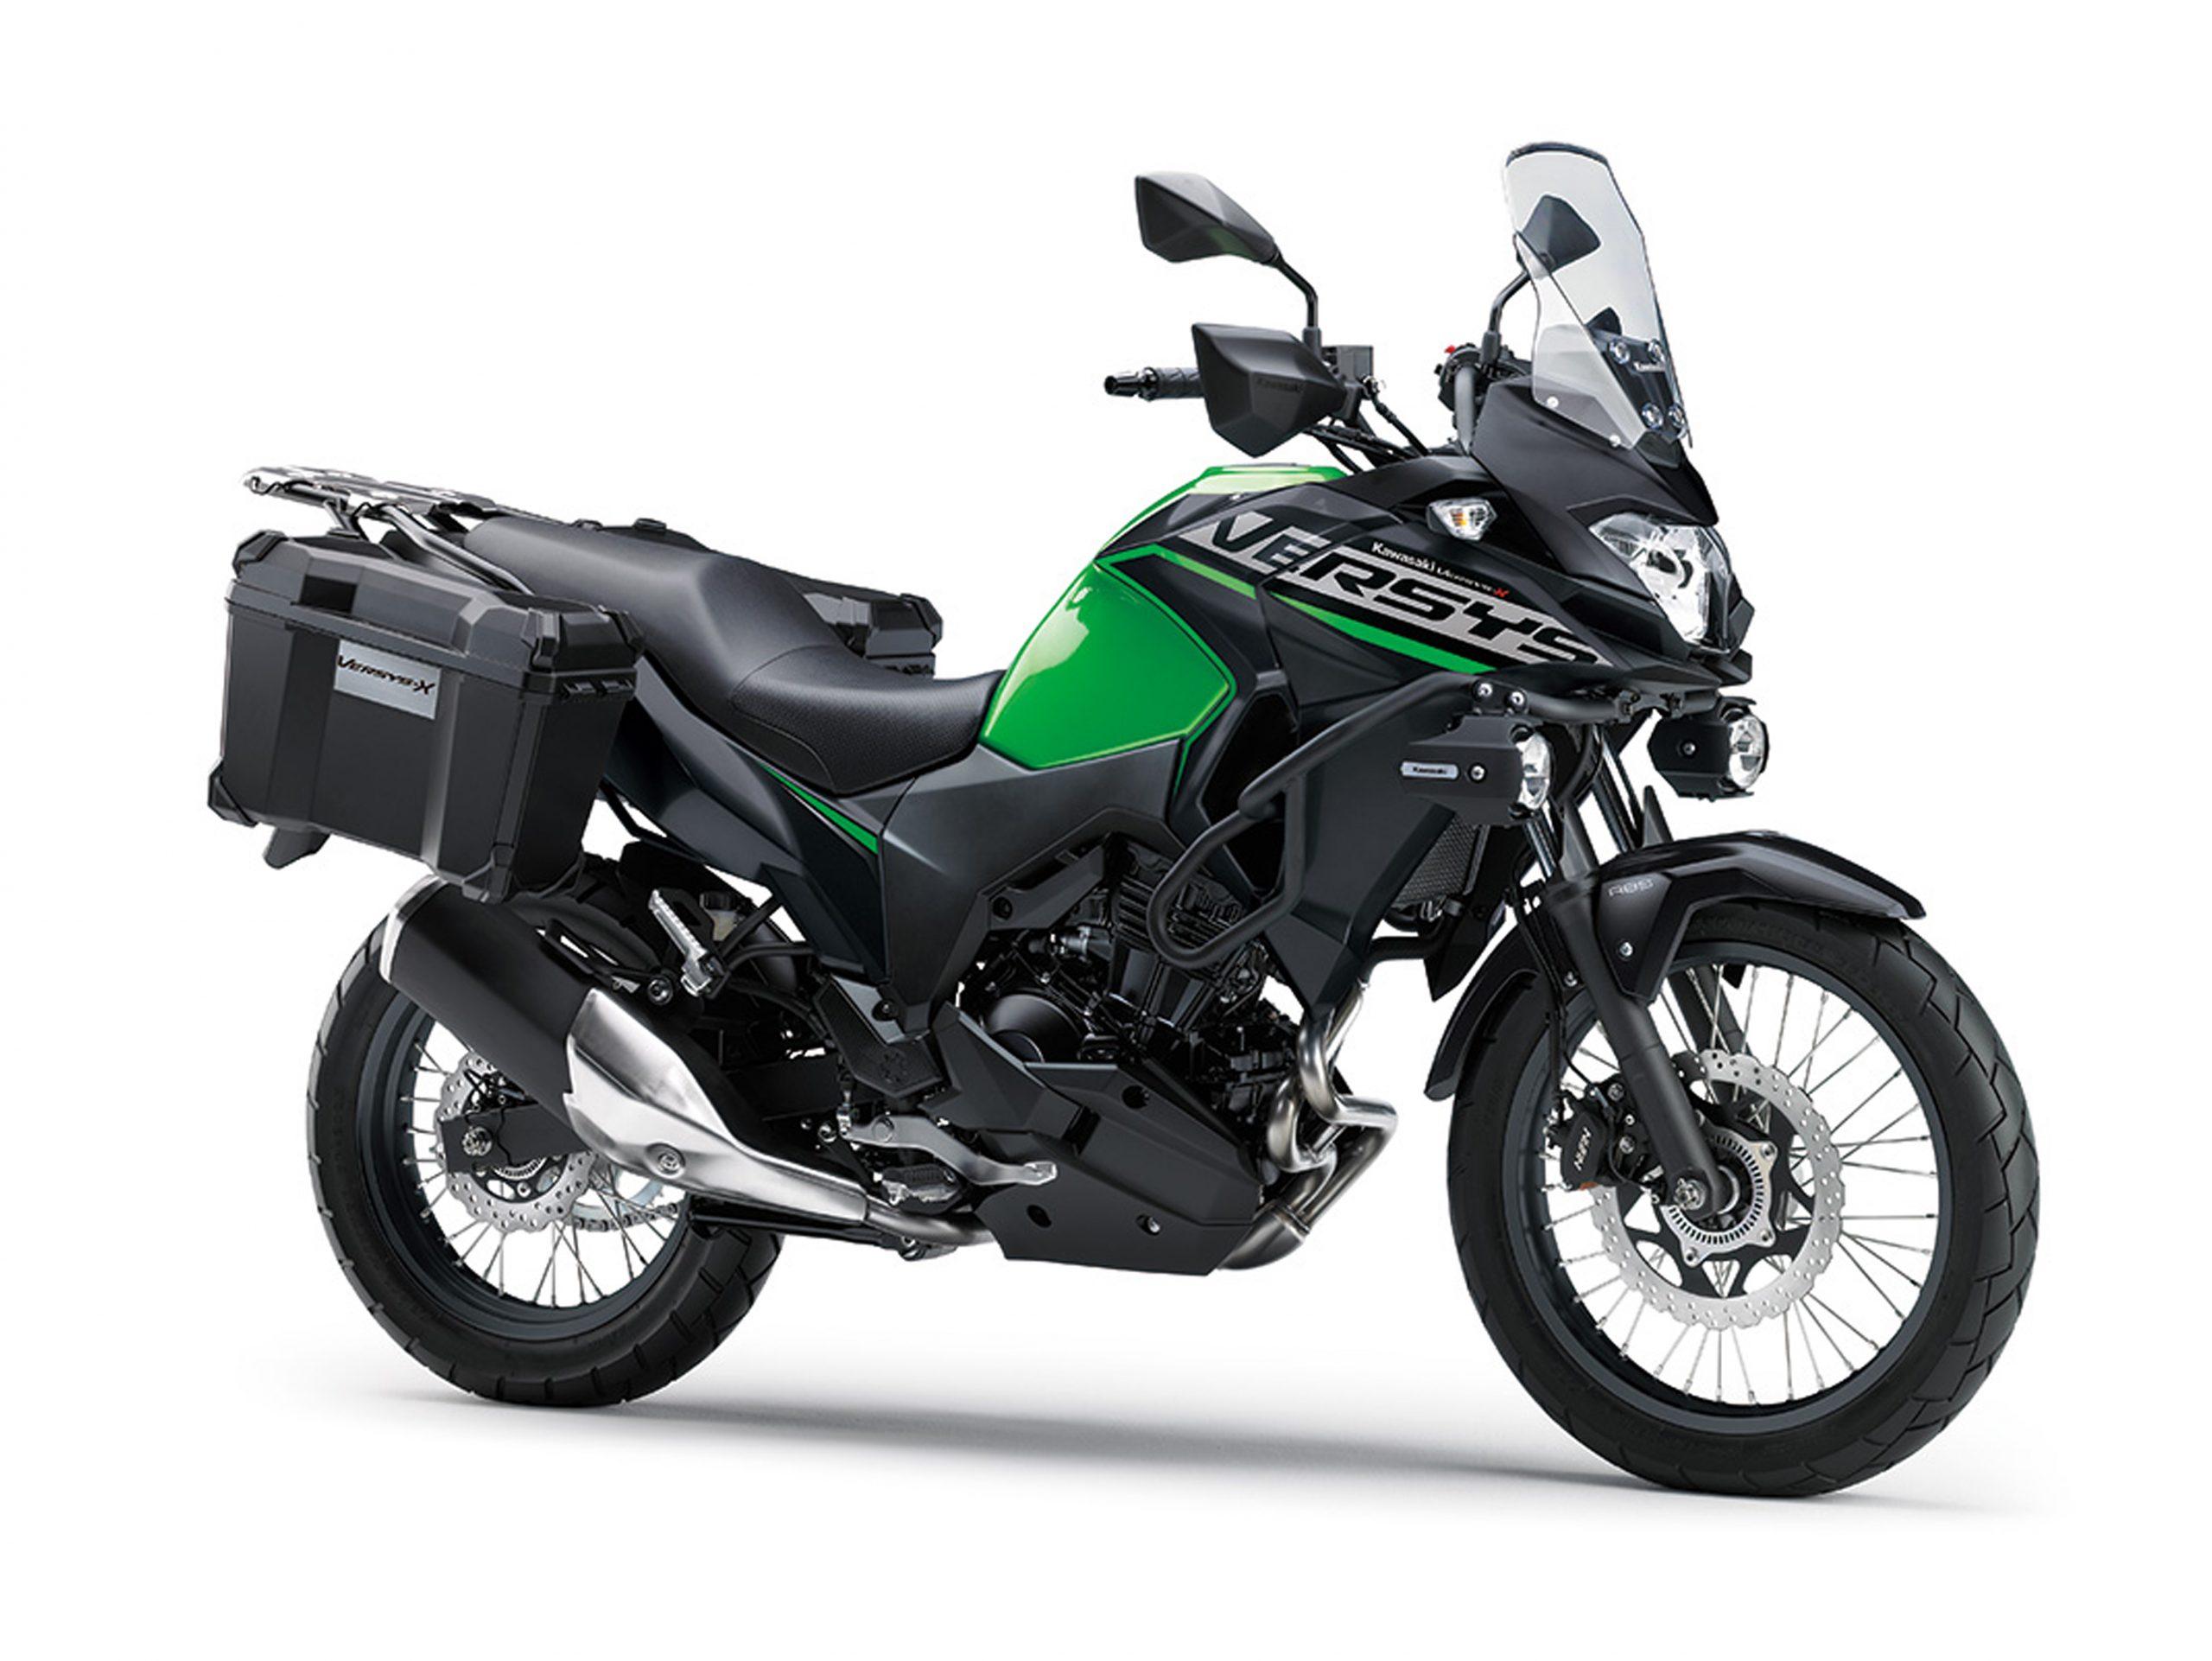 Kawasaki Versys-X300 ABS 2021 (Tourer)